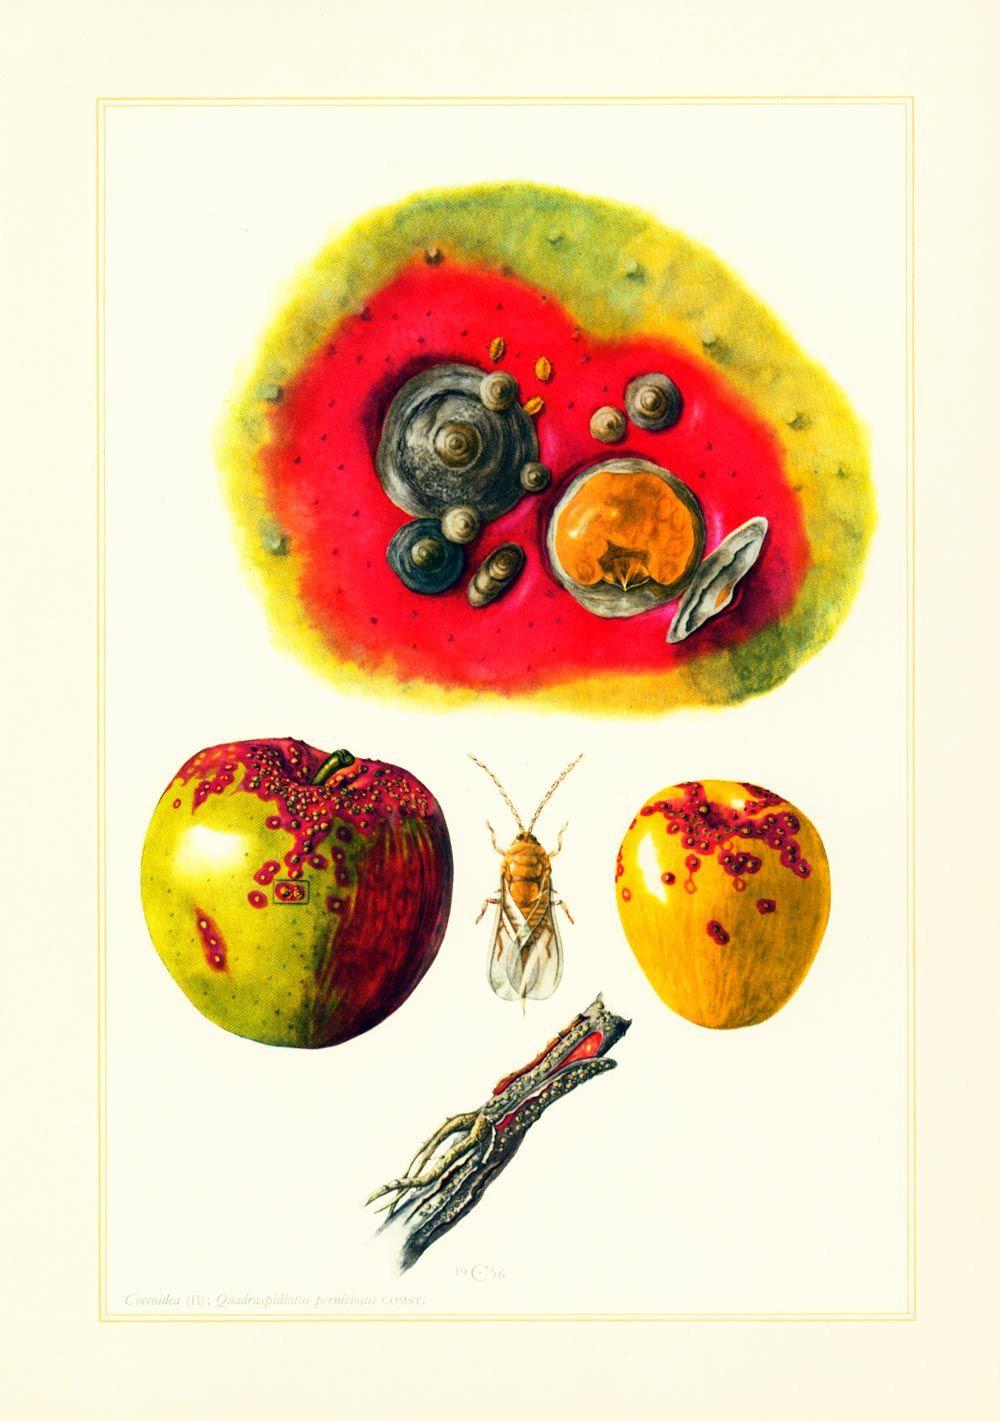 1960 Pou de San José. Cochenille. Parasites. Illustration Insecte. Agronomie Planche Identification Originale Entomologie. de la boutique sofrenchvintage sur Etsy